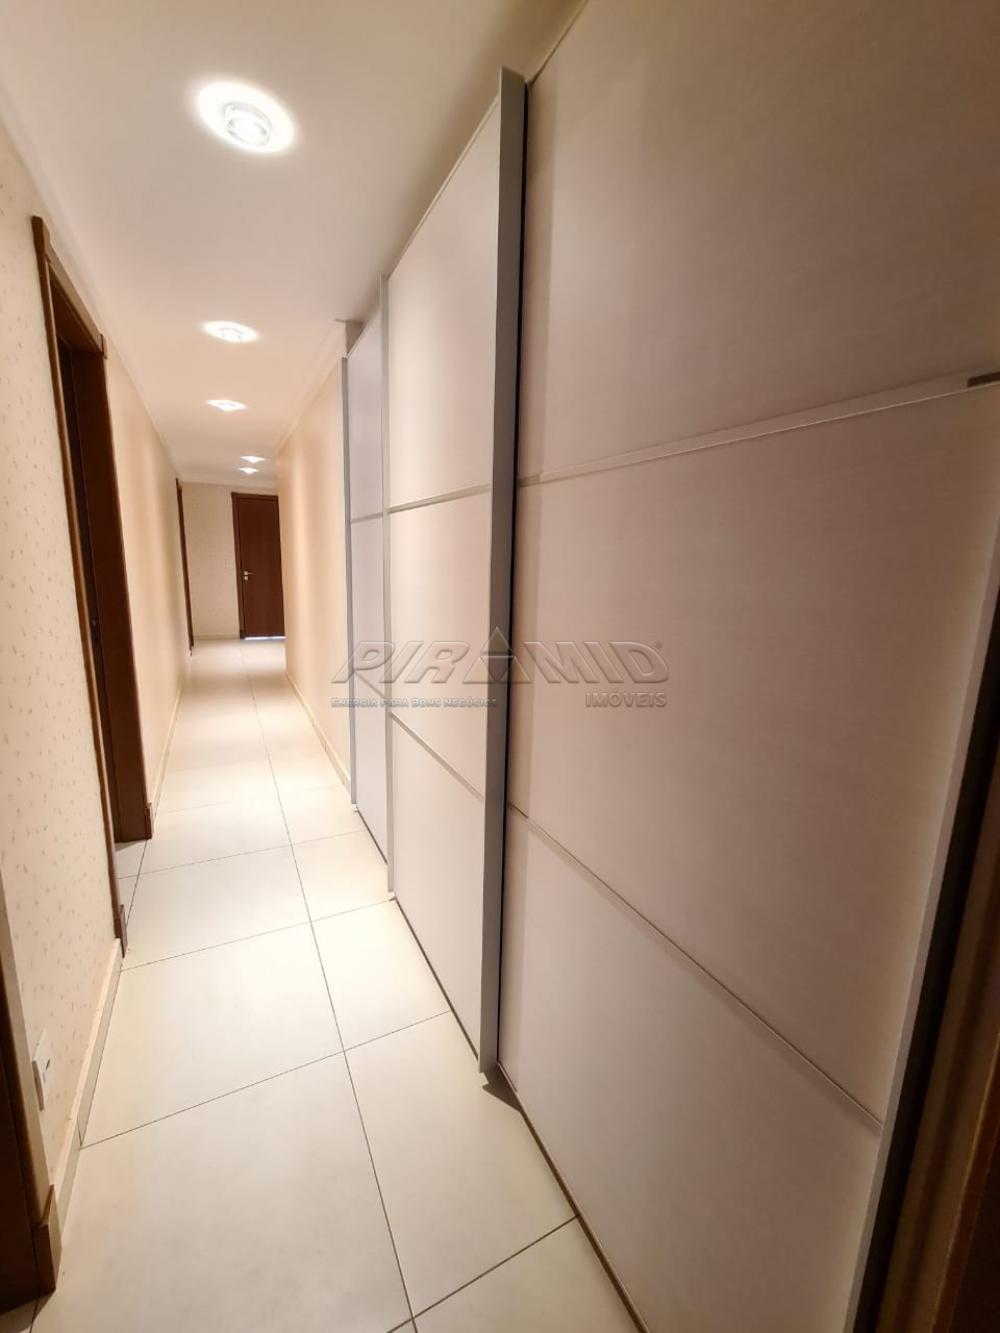 Alugar Apartamento / Padrão em Ribeirão Preto R$ 8.000,00 - Foto 18